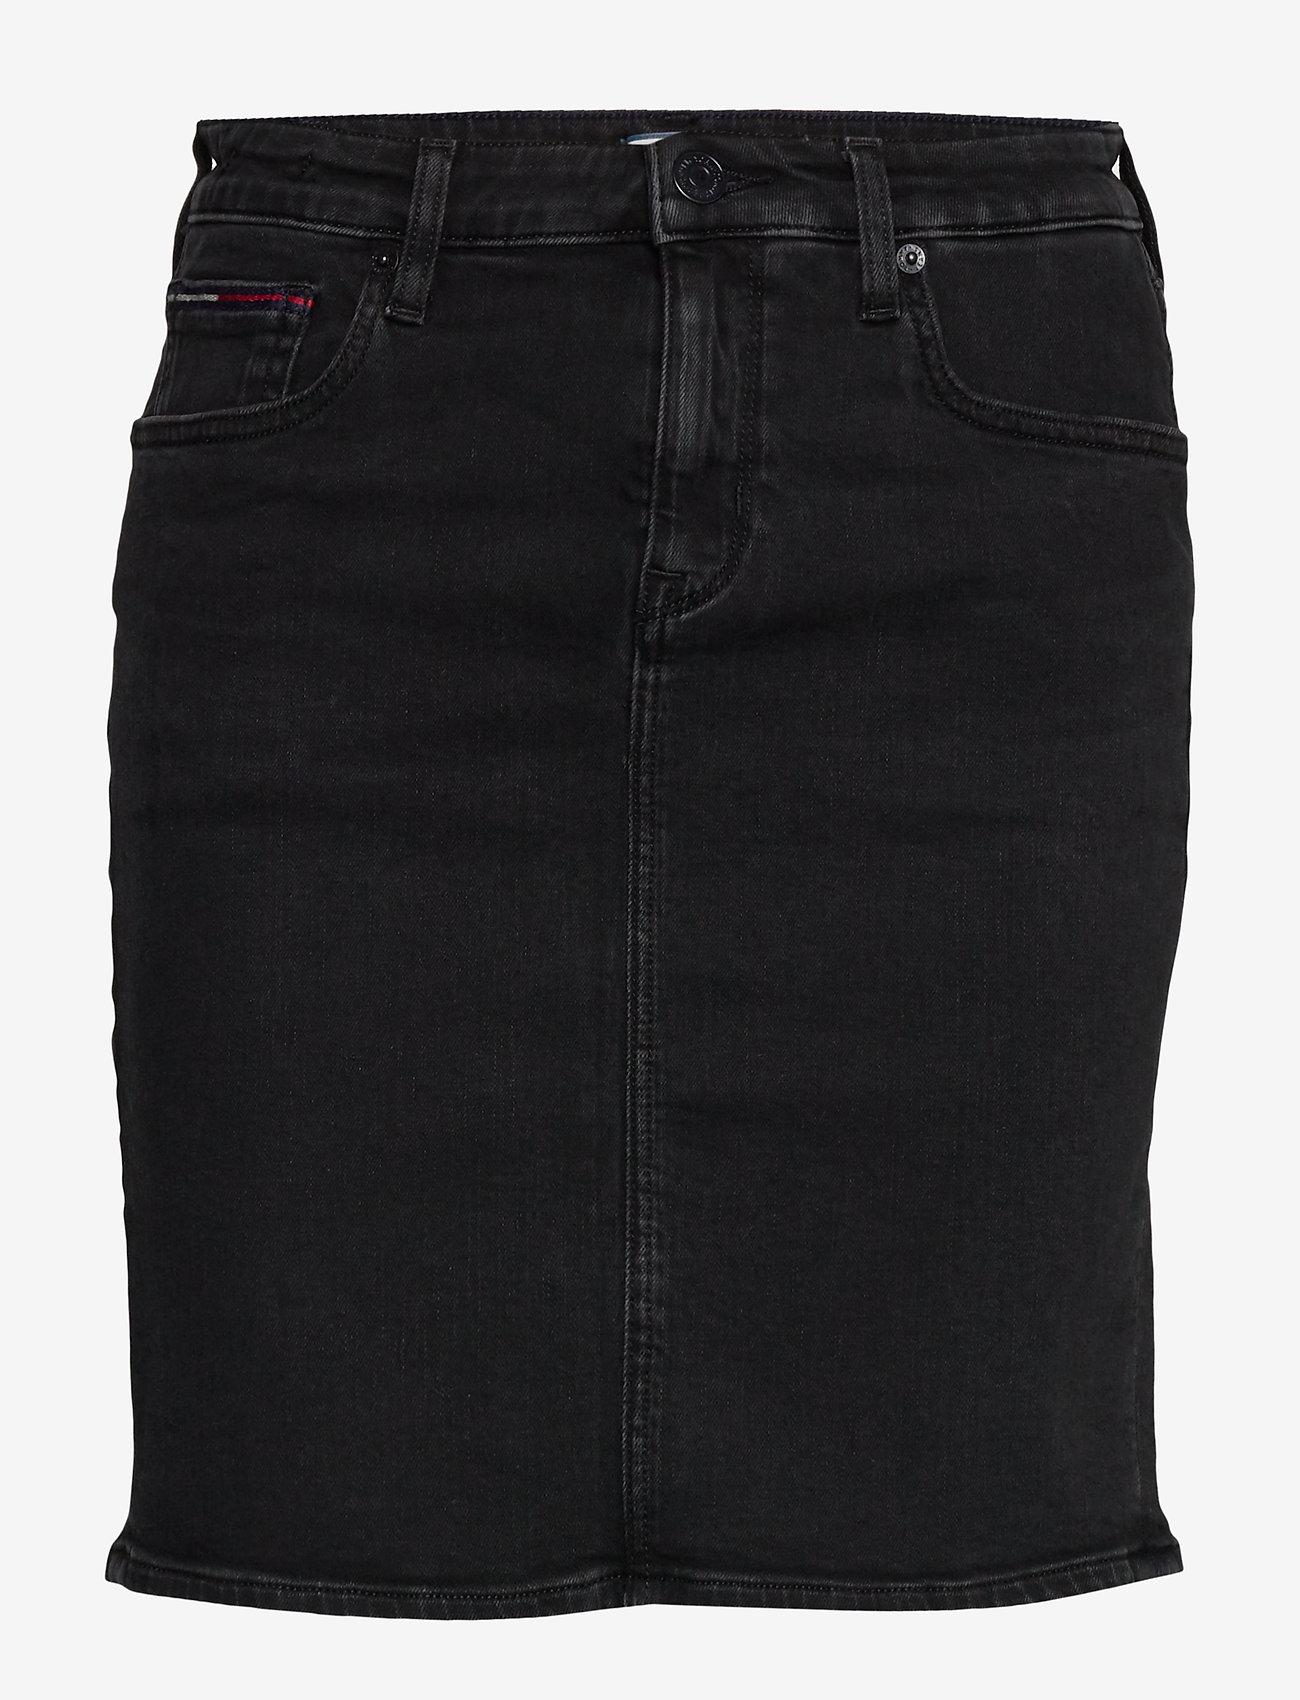 Tommy Jeans - CLASSIC DENIM SKIRT FRZBK - jupes en jeans - franzi bk str - 0